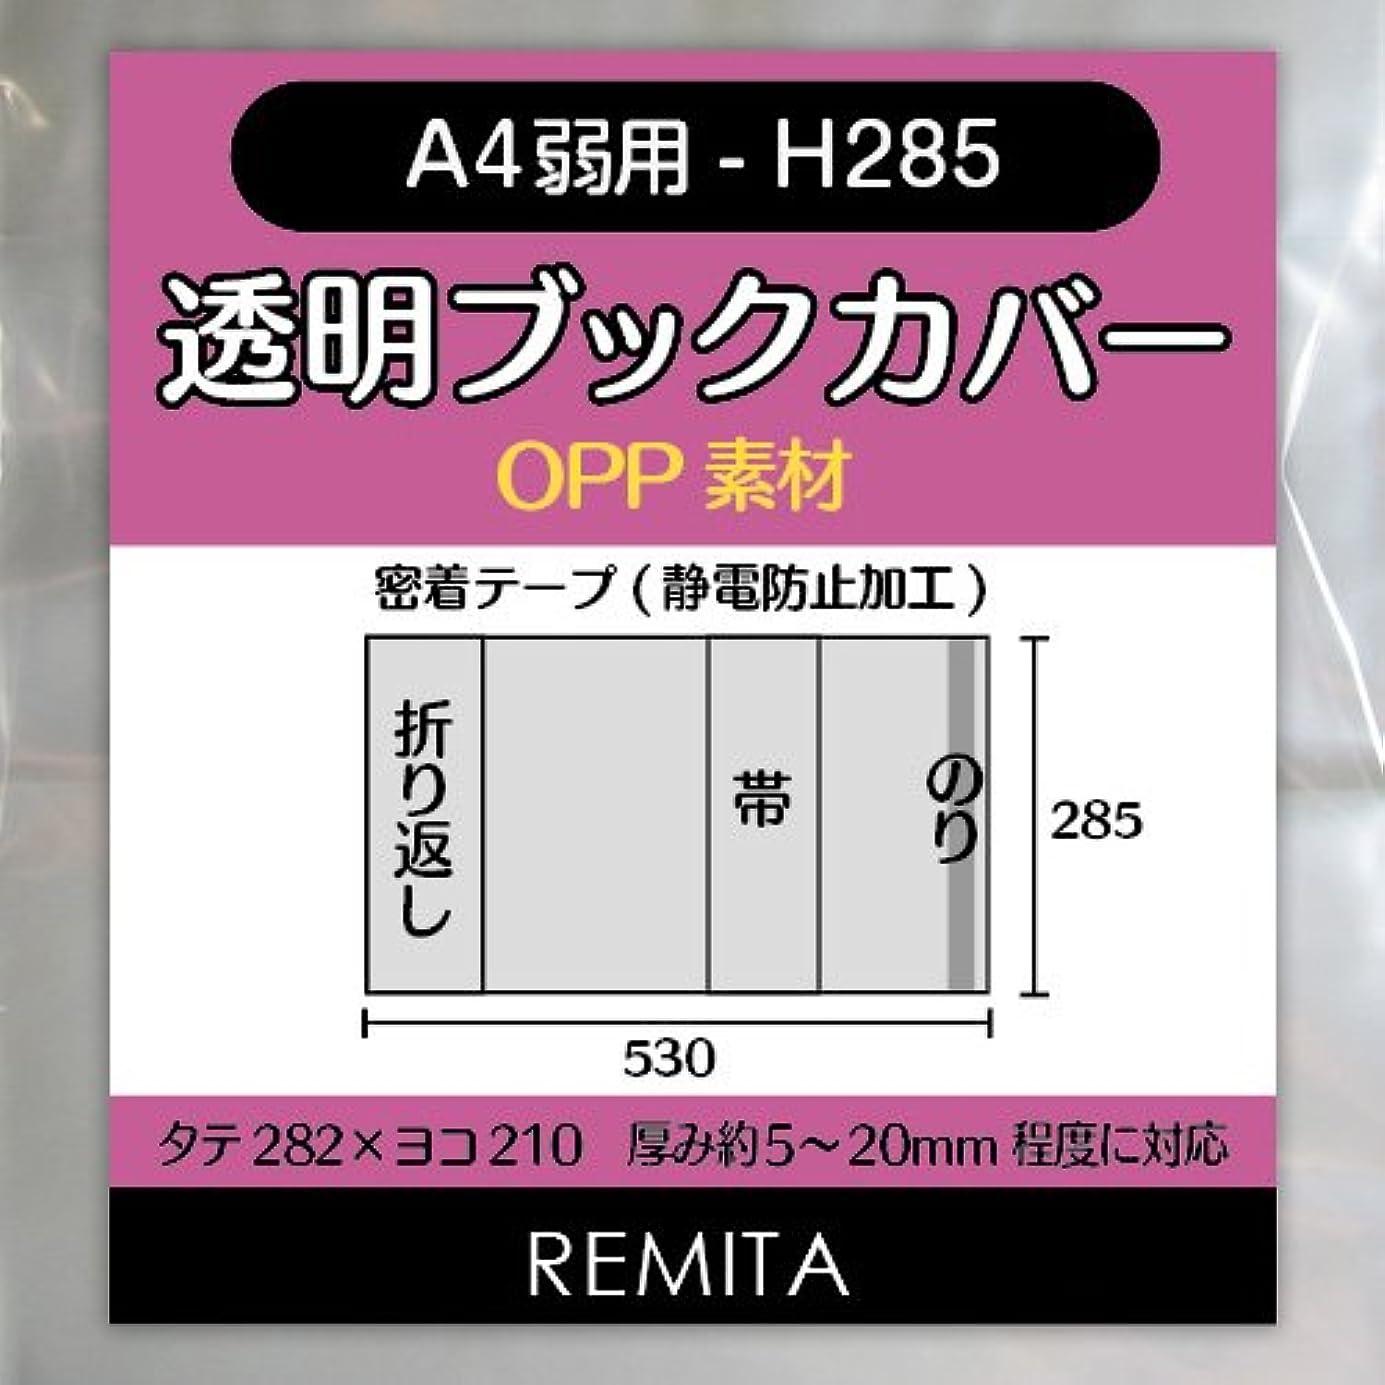 酔っ払い狂信者湿原REMITA 透明ブックカバー A4弱用-H285(A4より小さめの雑誌等) 20枚 OPP素材 BC20A4H285